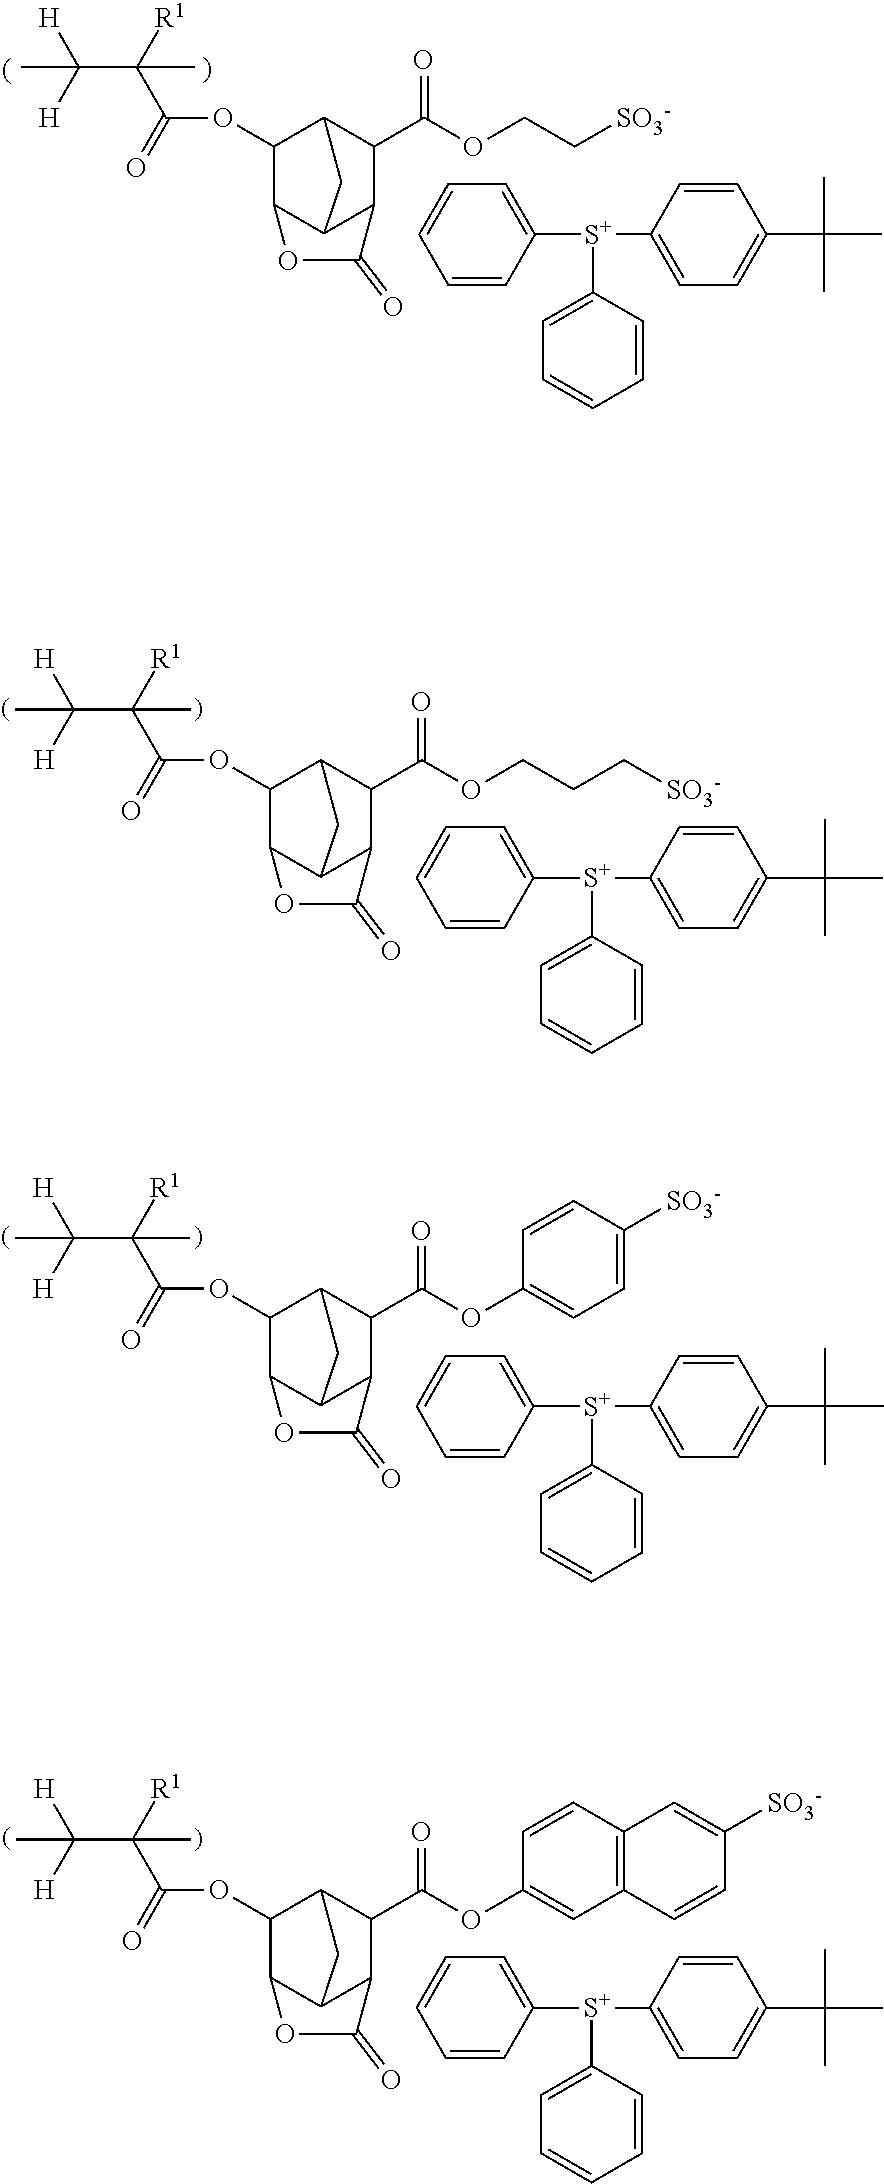 Figure US08900793-20141202-C00008